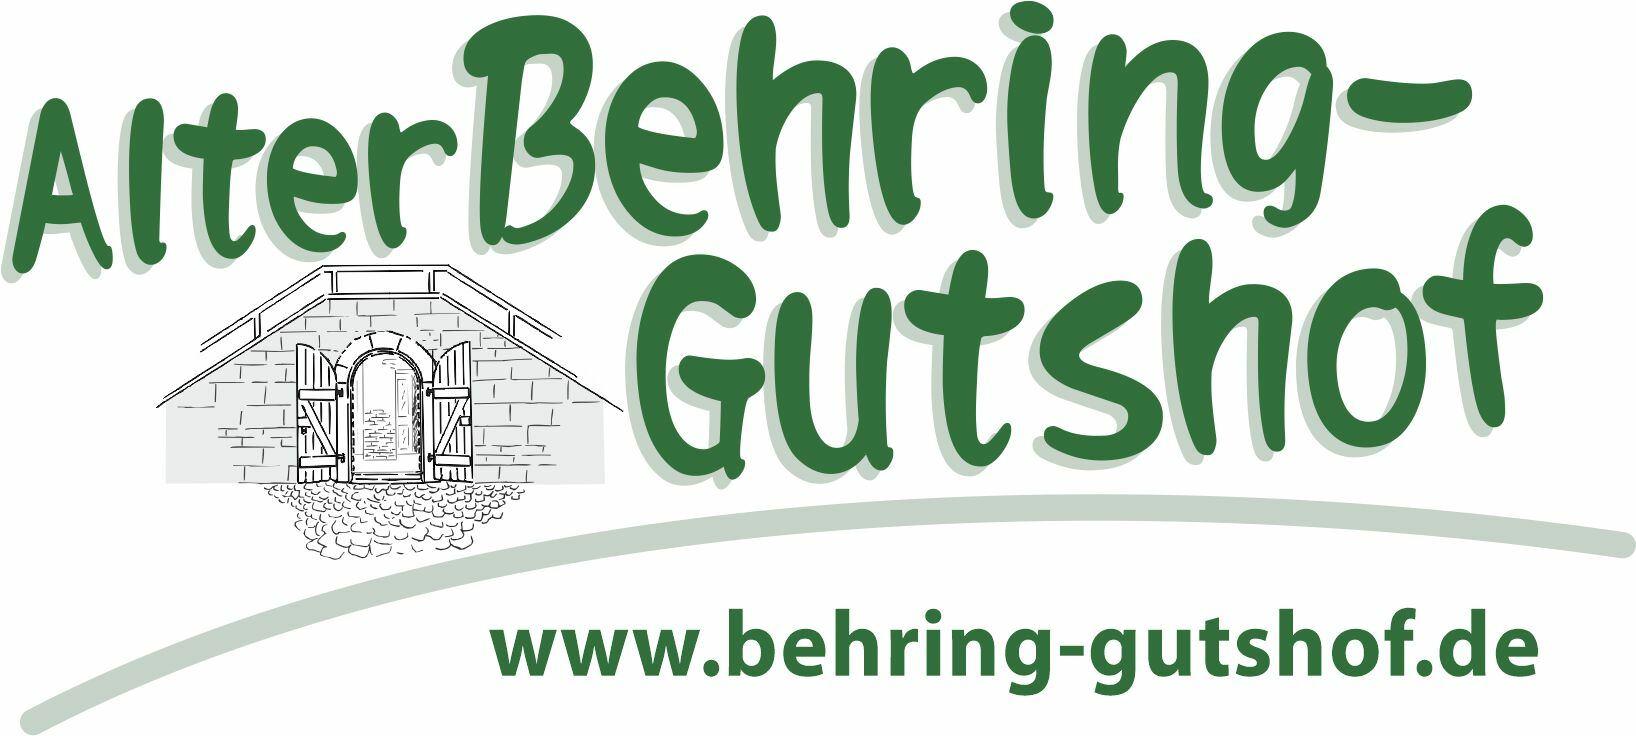 Alter Behring-Gutshof Event & Service GmbH Logo